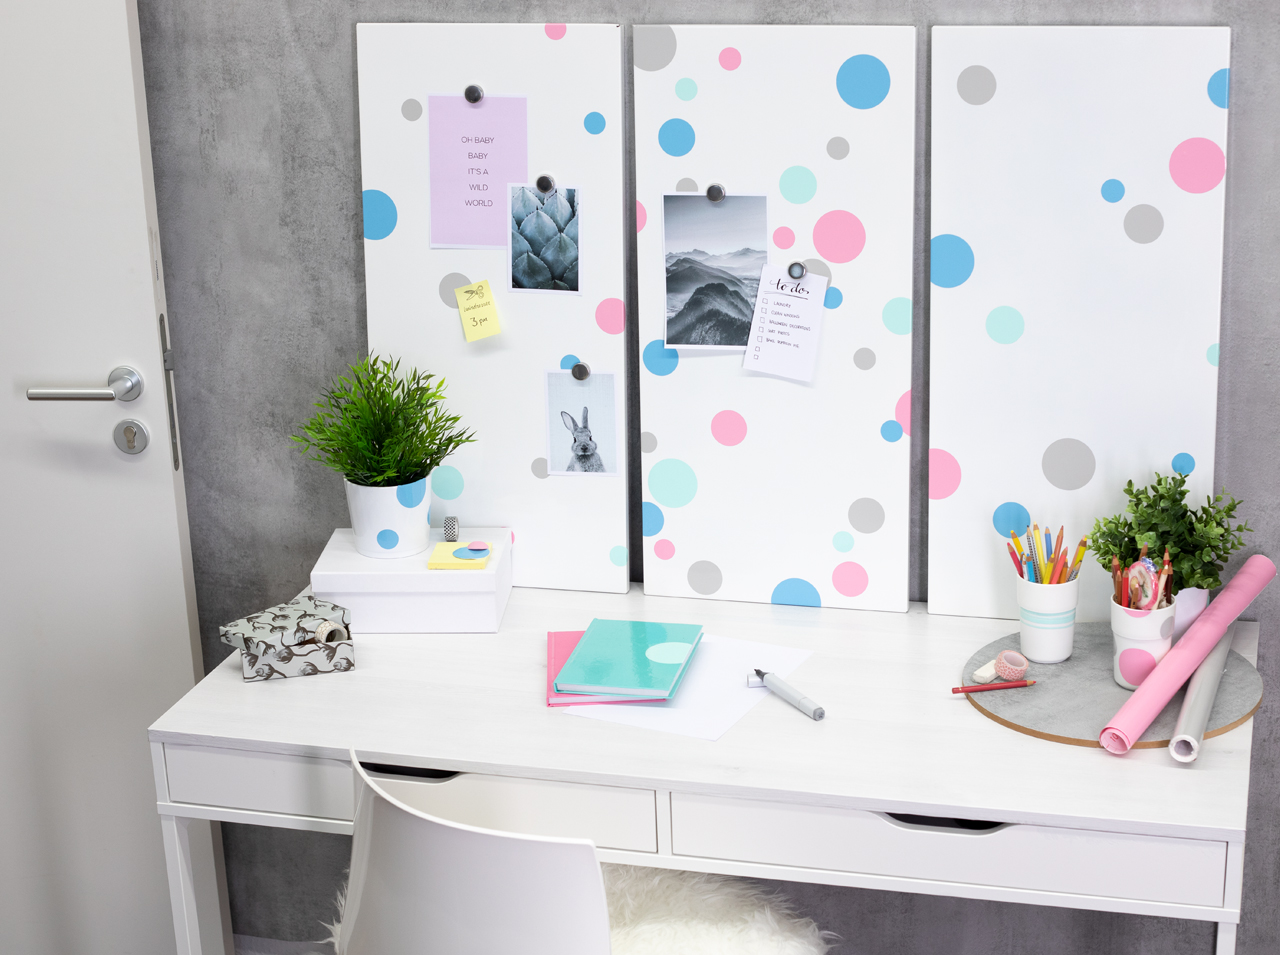 dcfix Möbel Klebefolie Dekofolie DIY Deko Kinderzimmer Pastell Schreibtisch